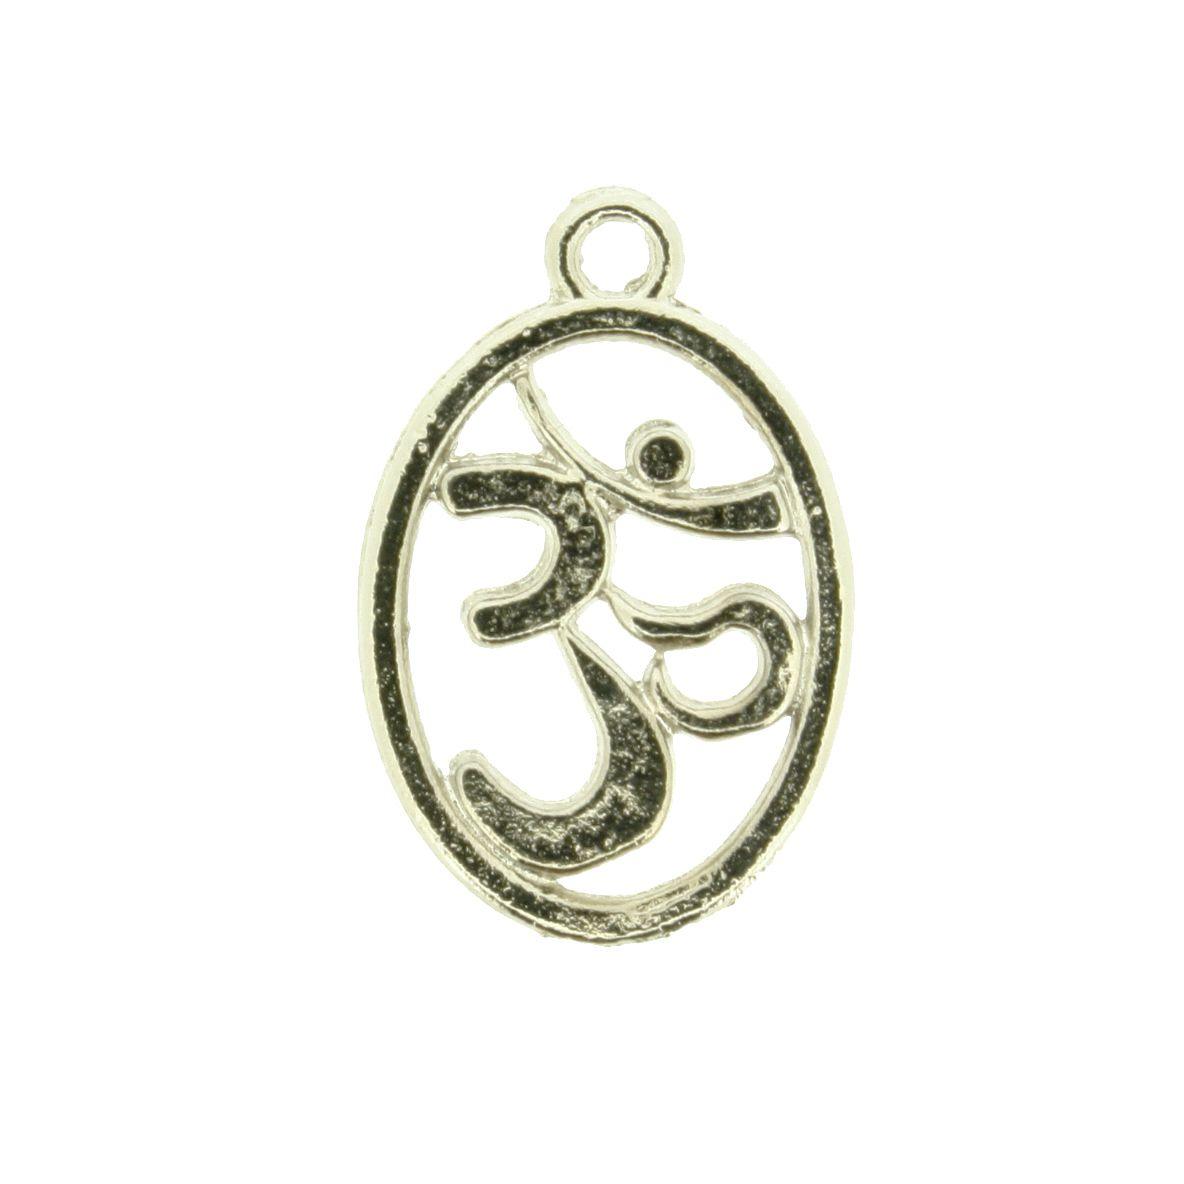 Simbolo Om - Níquel - 21mm  - Stéphanie Bijoux® - Peças para Bijuterias e Artesanato